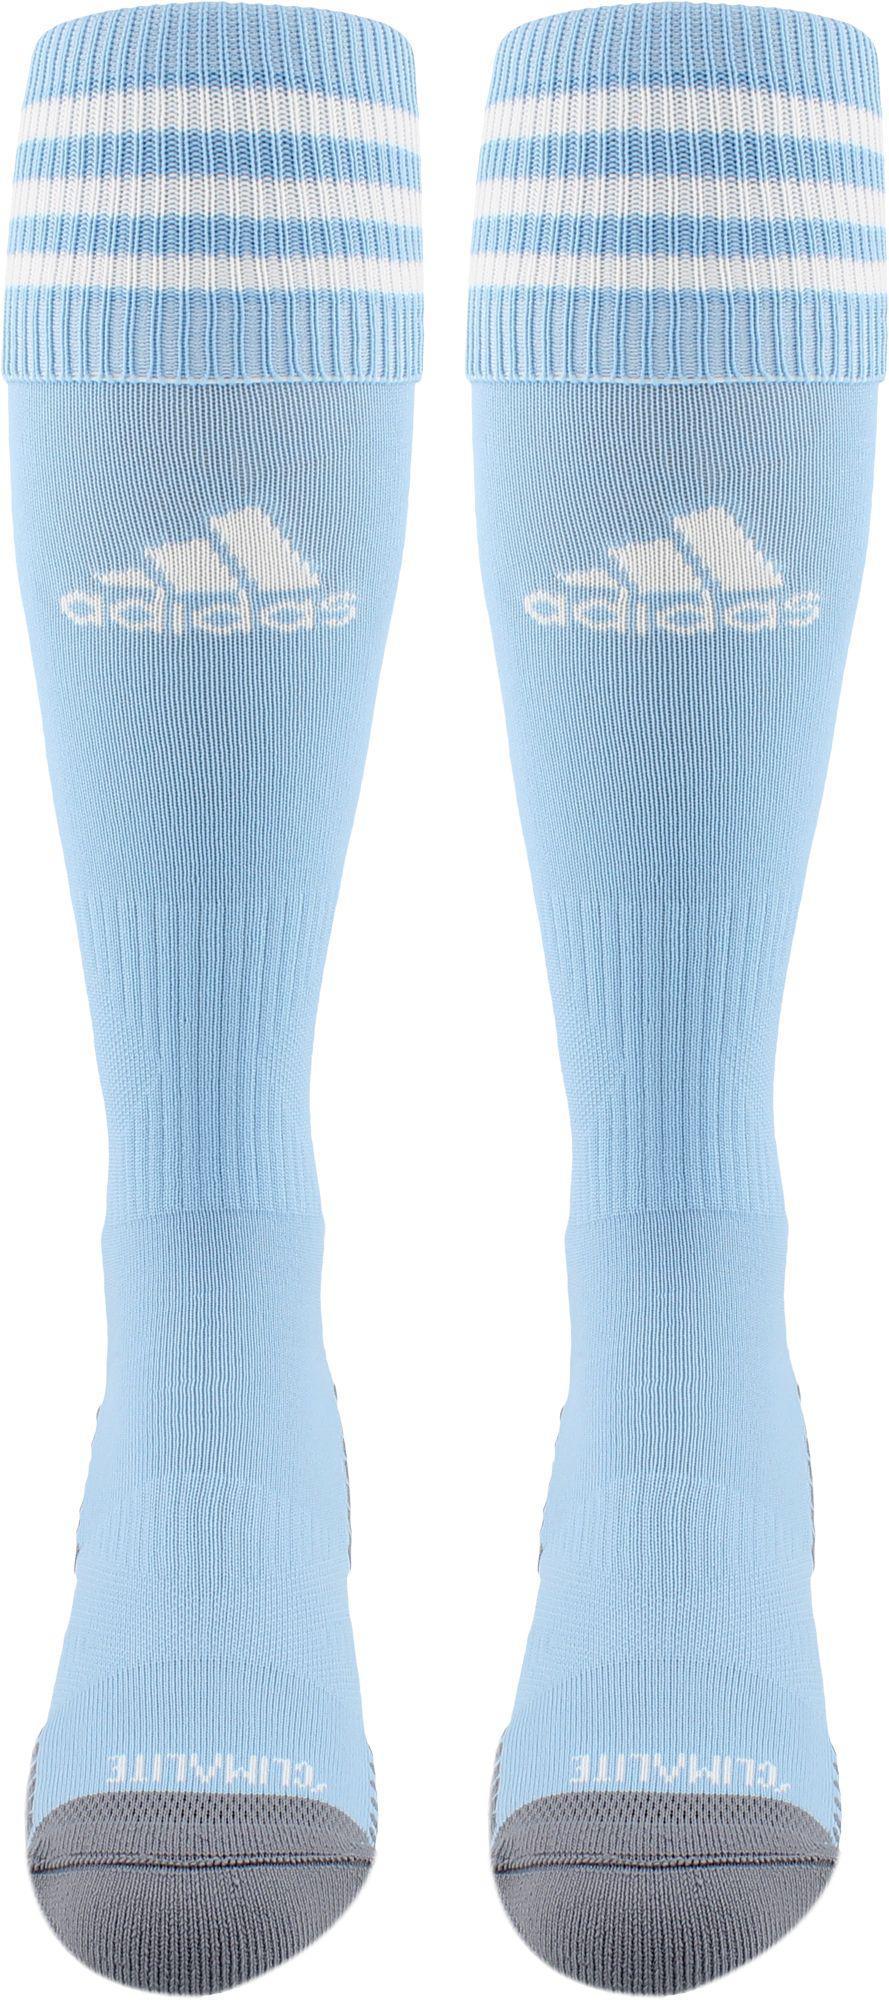 Lyst adidas zona cuscinetto iii copa calcio calzini blu per gli uomini.